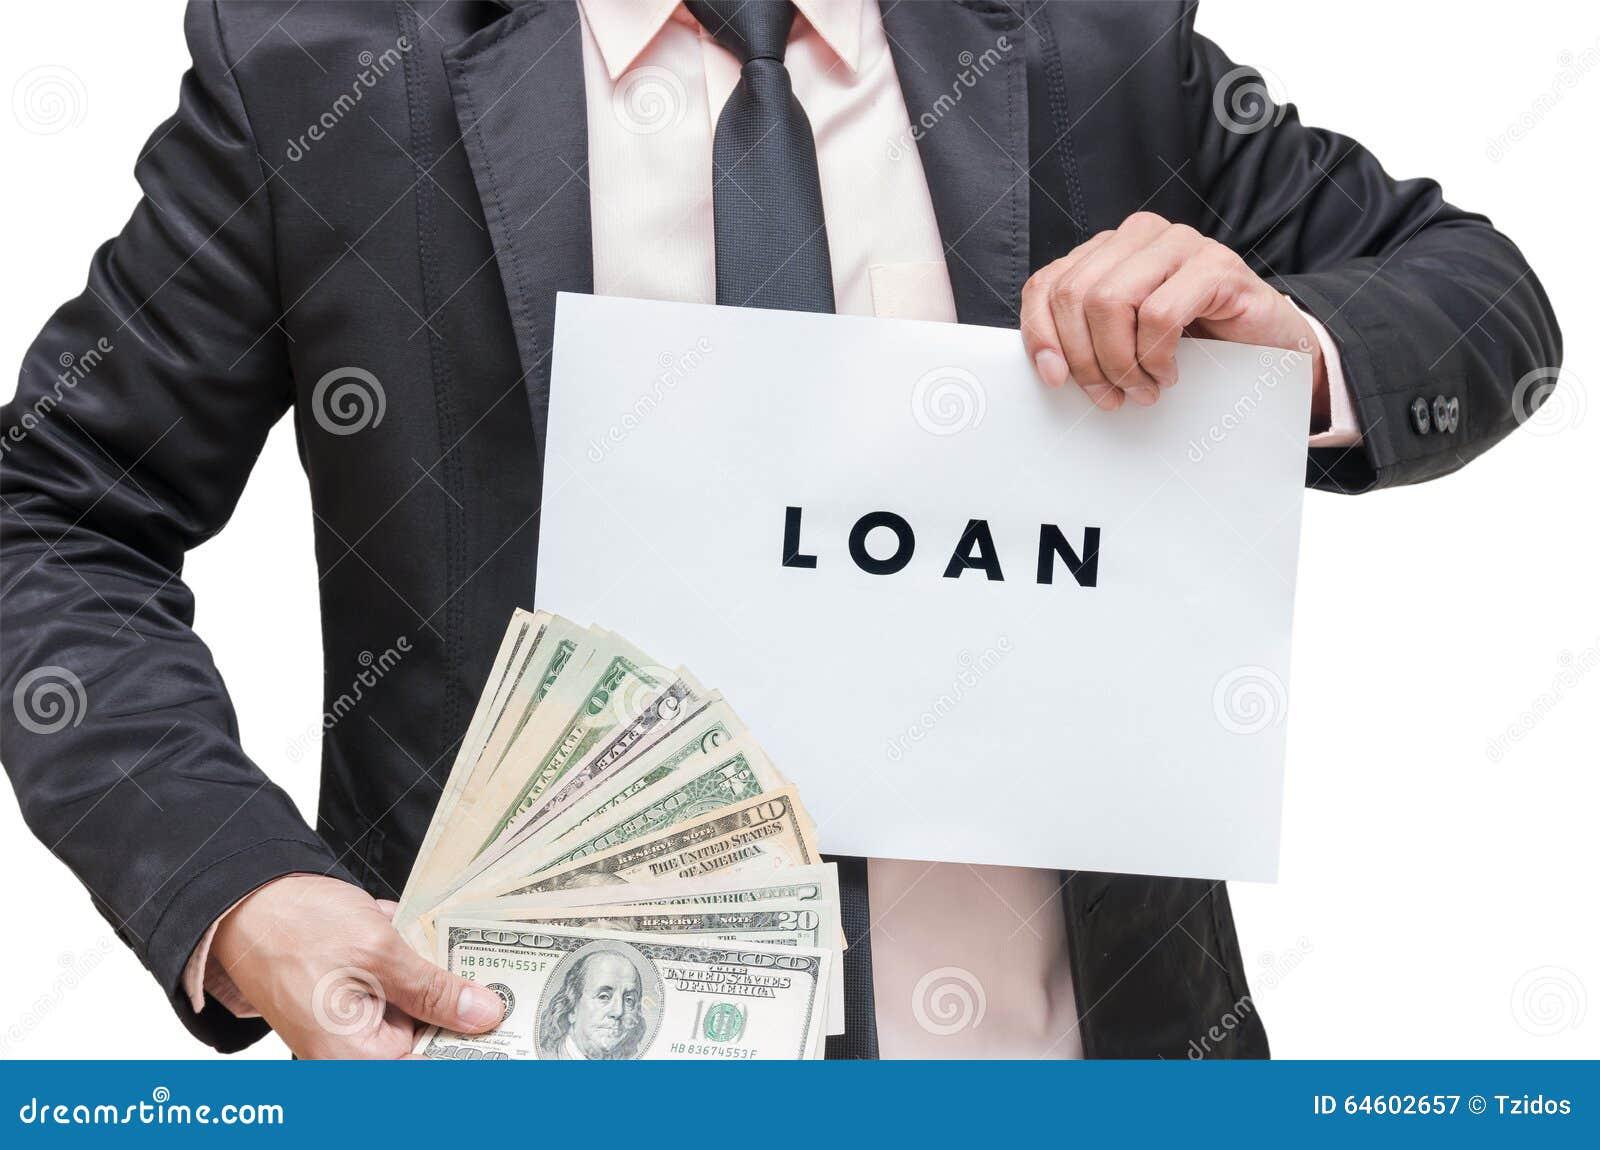 предоставлен займ работнику организации наличными денежными средствами